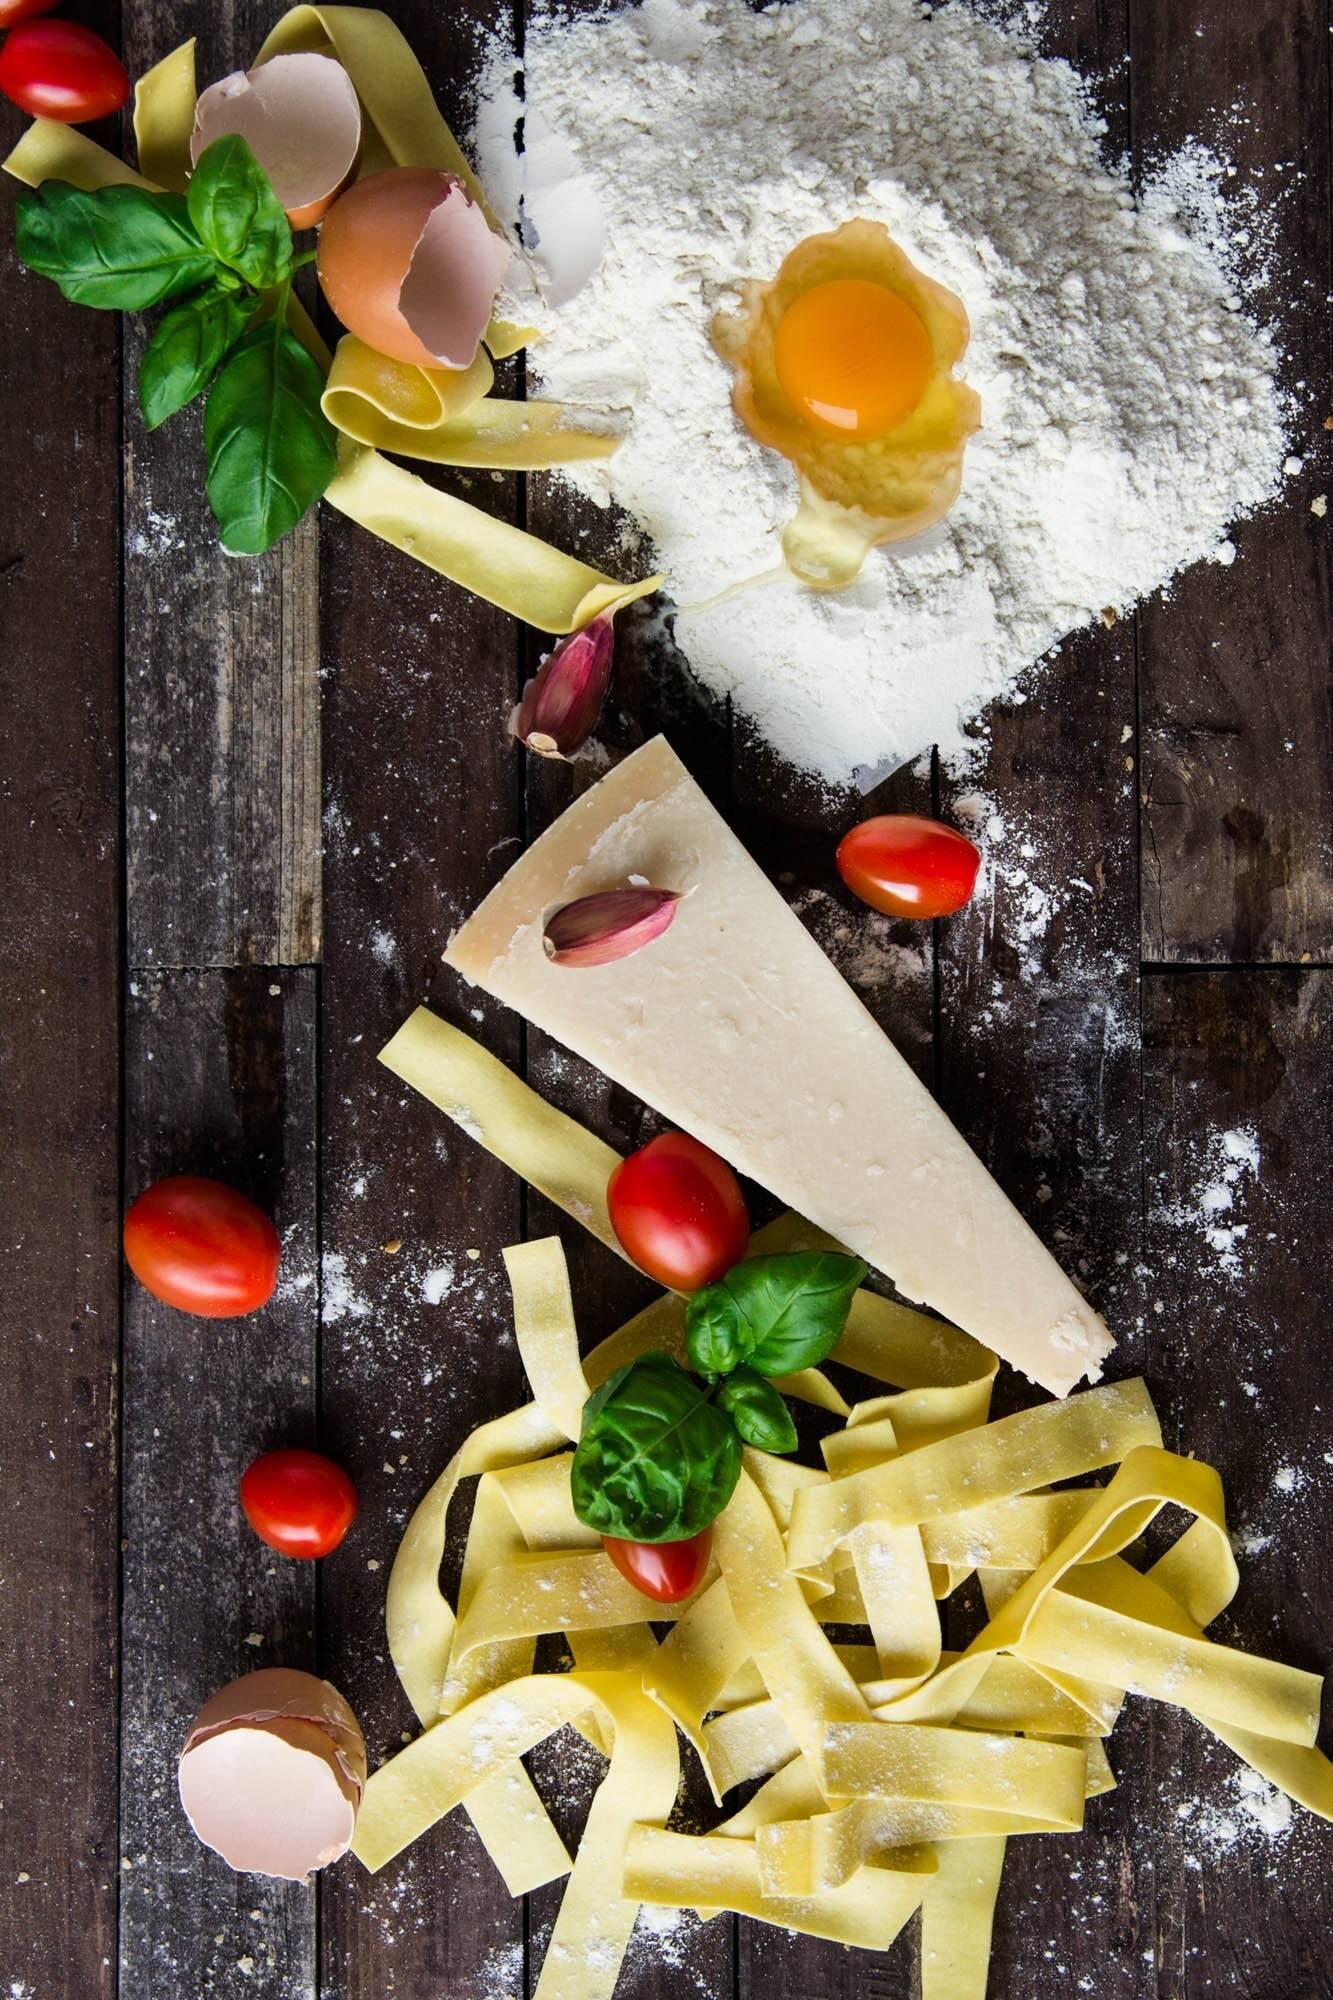 2 ovos; 2 gemas; 200g. massa seca; 60g. queijo ralado; sal e pimenta e 150g. Bacon. (Foto: Pexels)